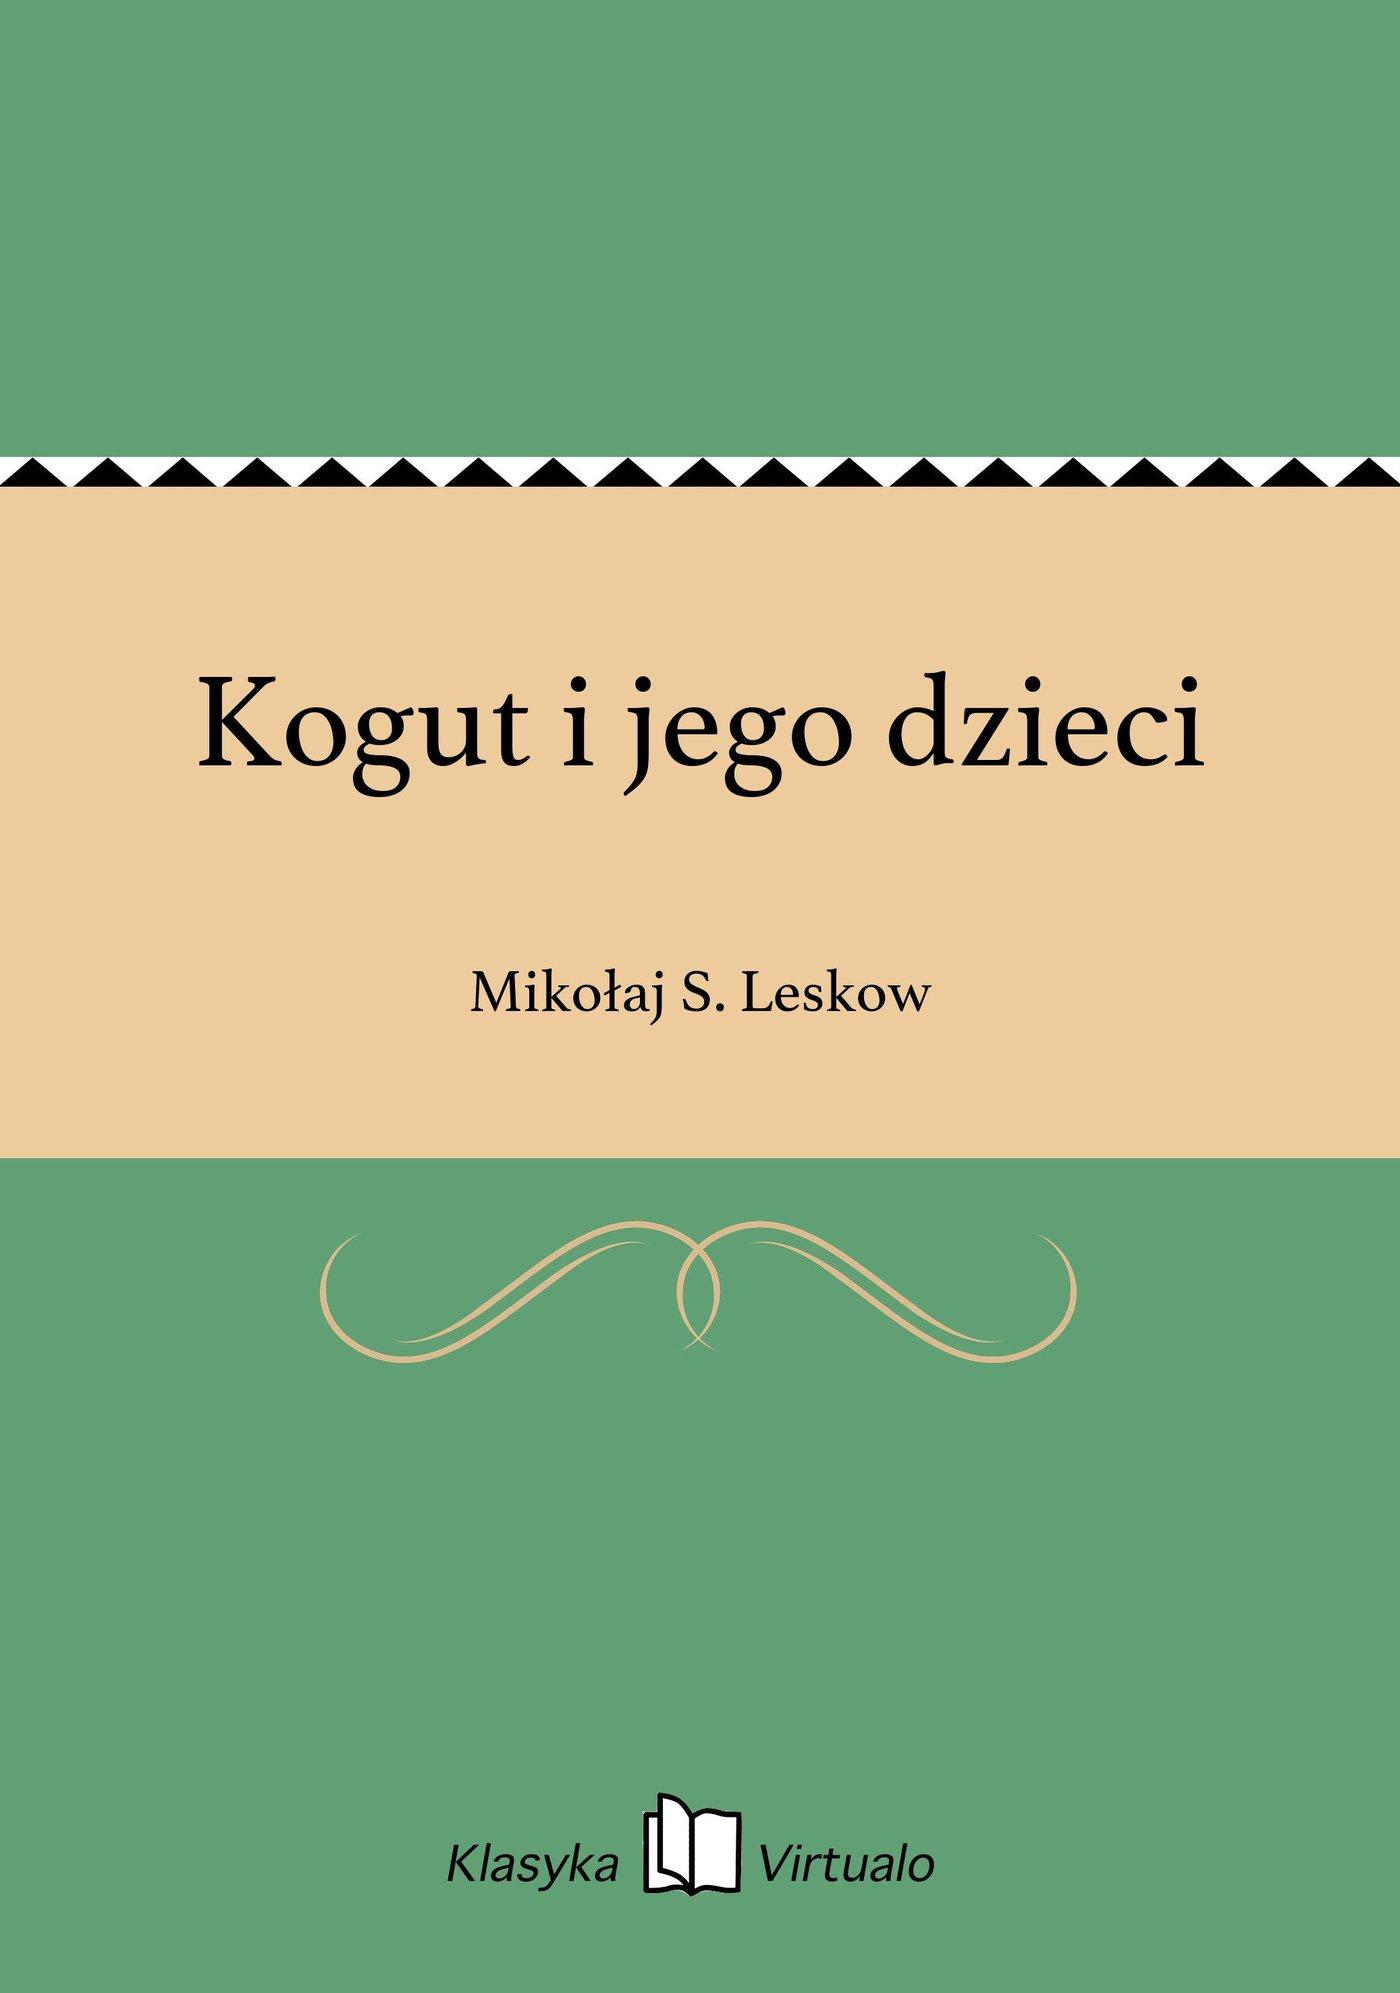 Kogut i jego dzieci - Ebook (Książka EPUB) do pobrania w formacie EPUB